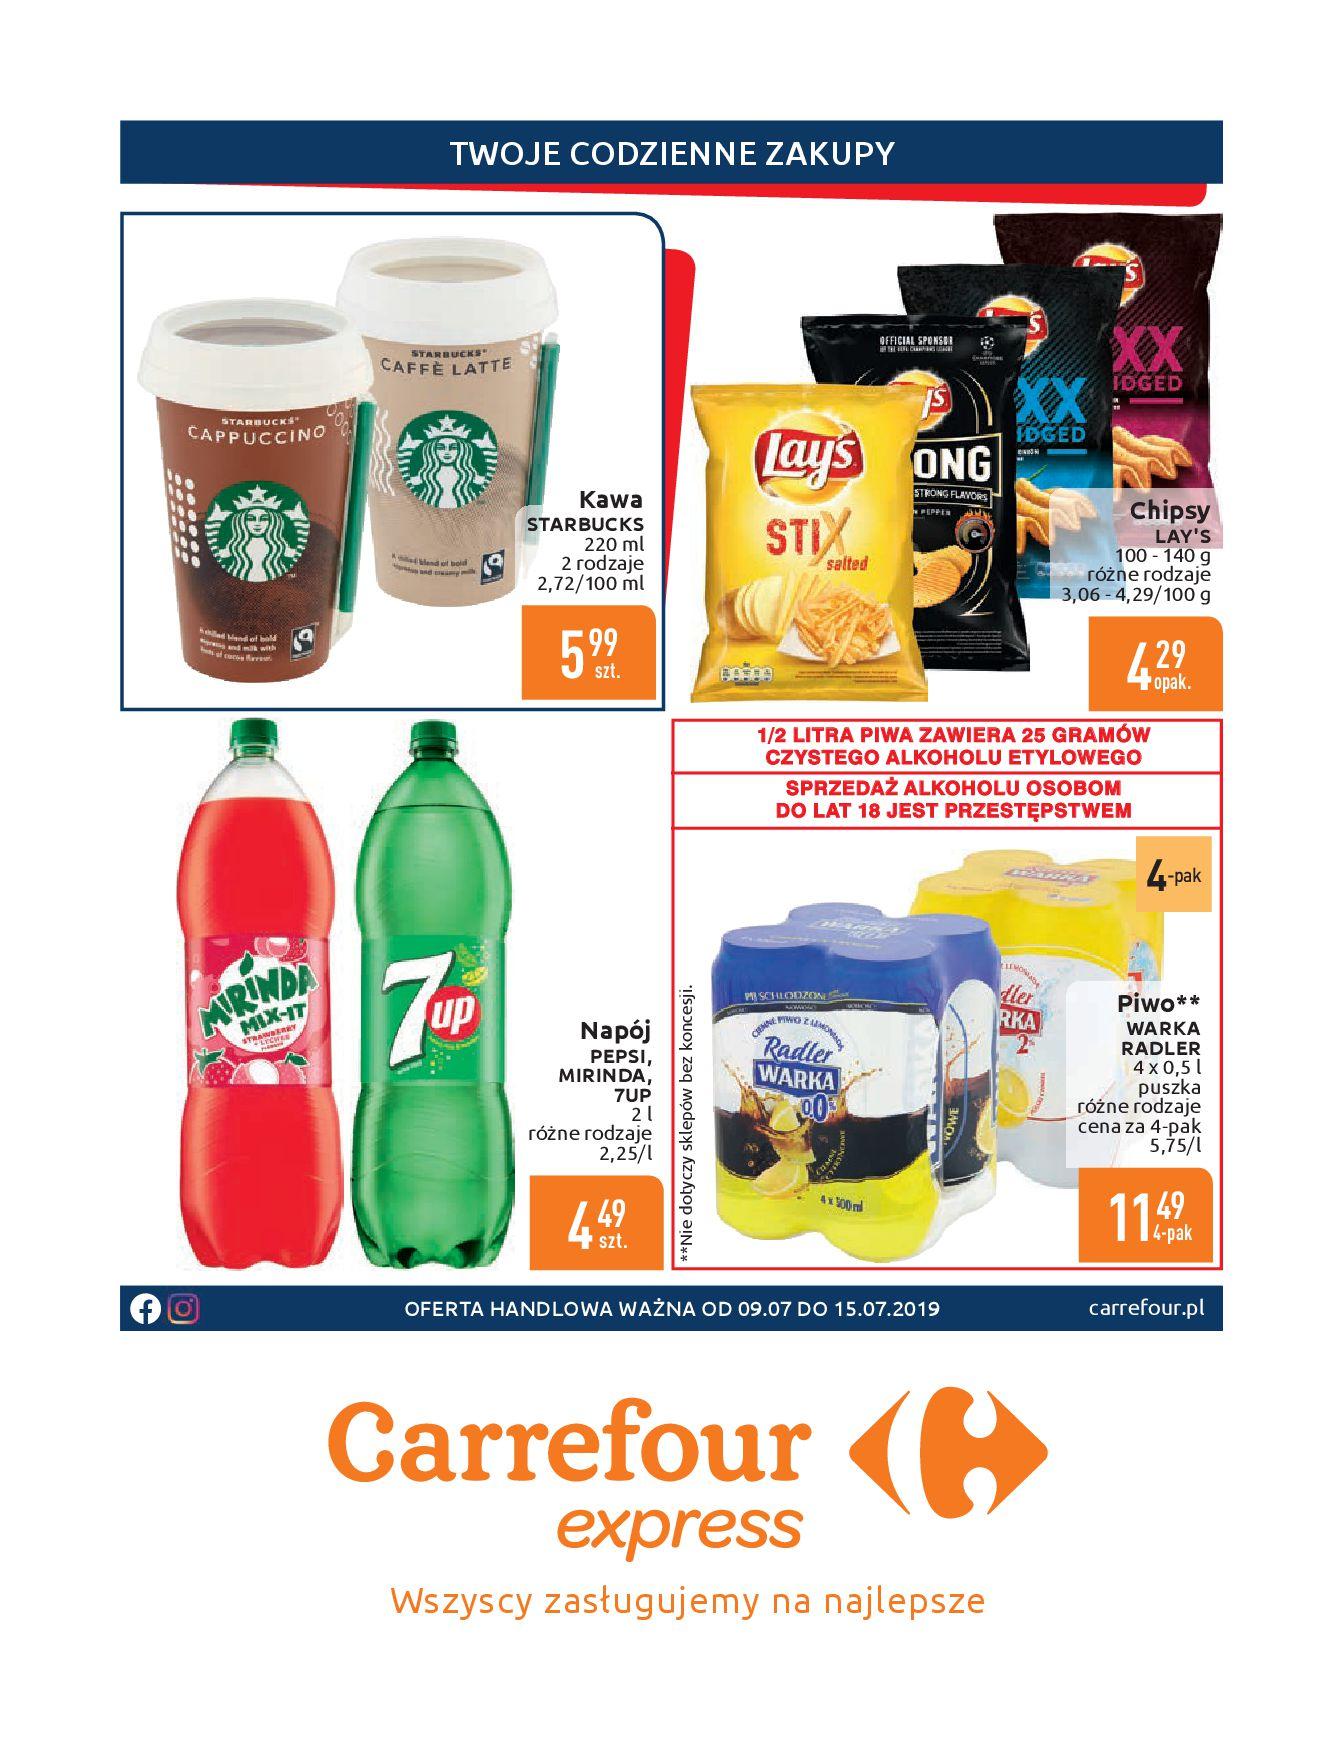 Gazetka Carrefour Express - Gdy zakupy rosną, to ceny maleją ekspresowo-08.07.2019-15.07.2019-page-